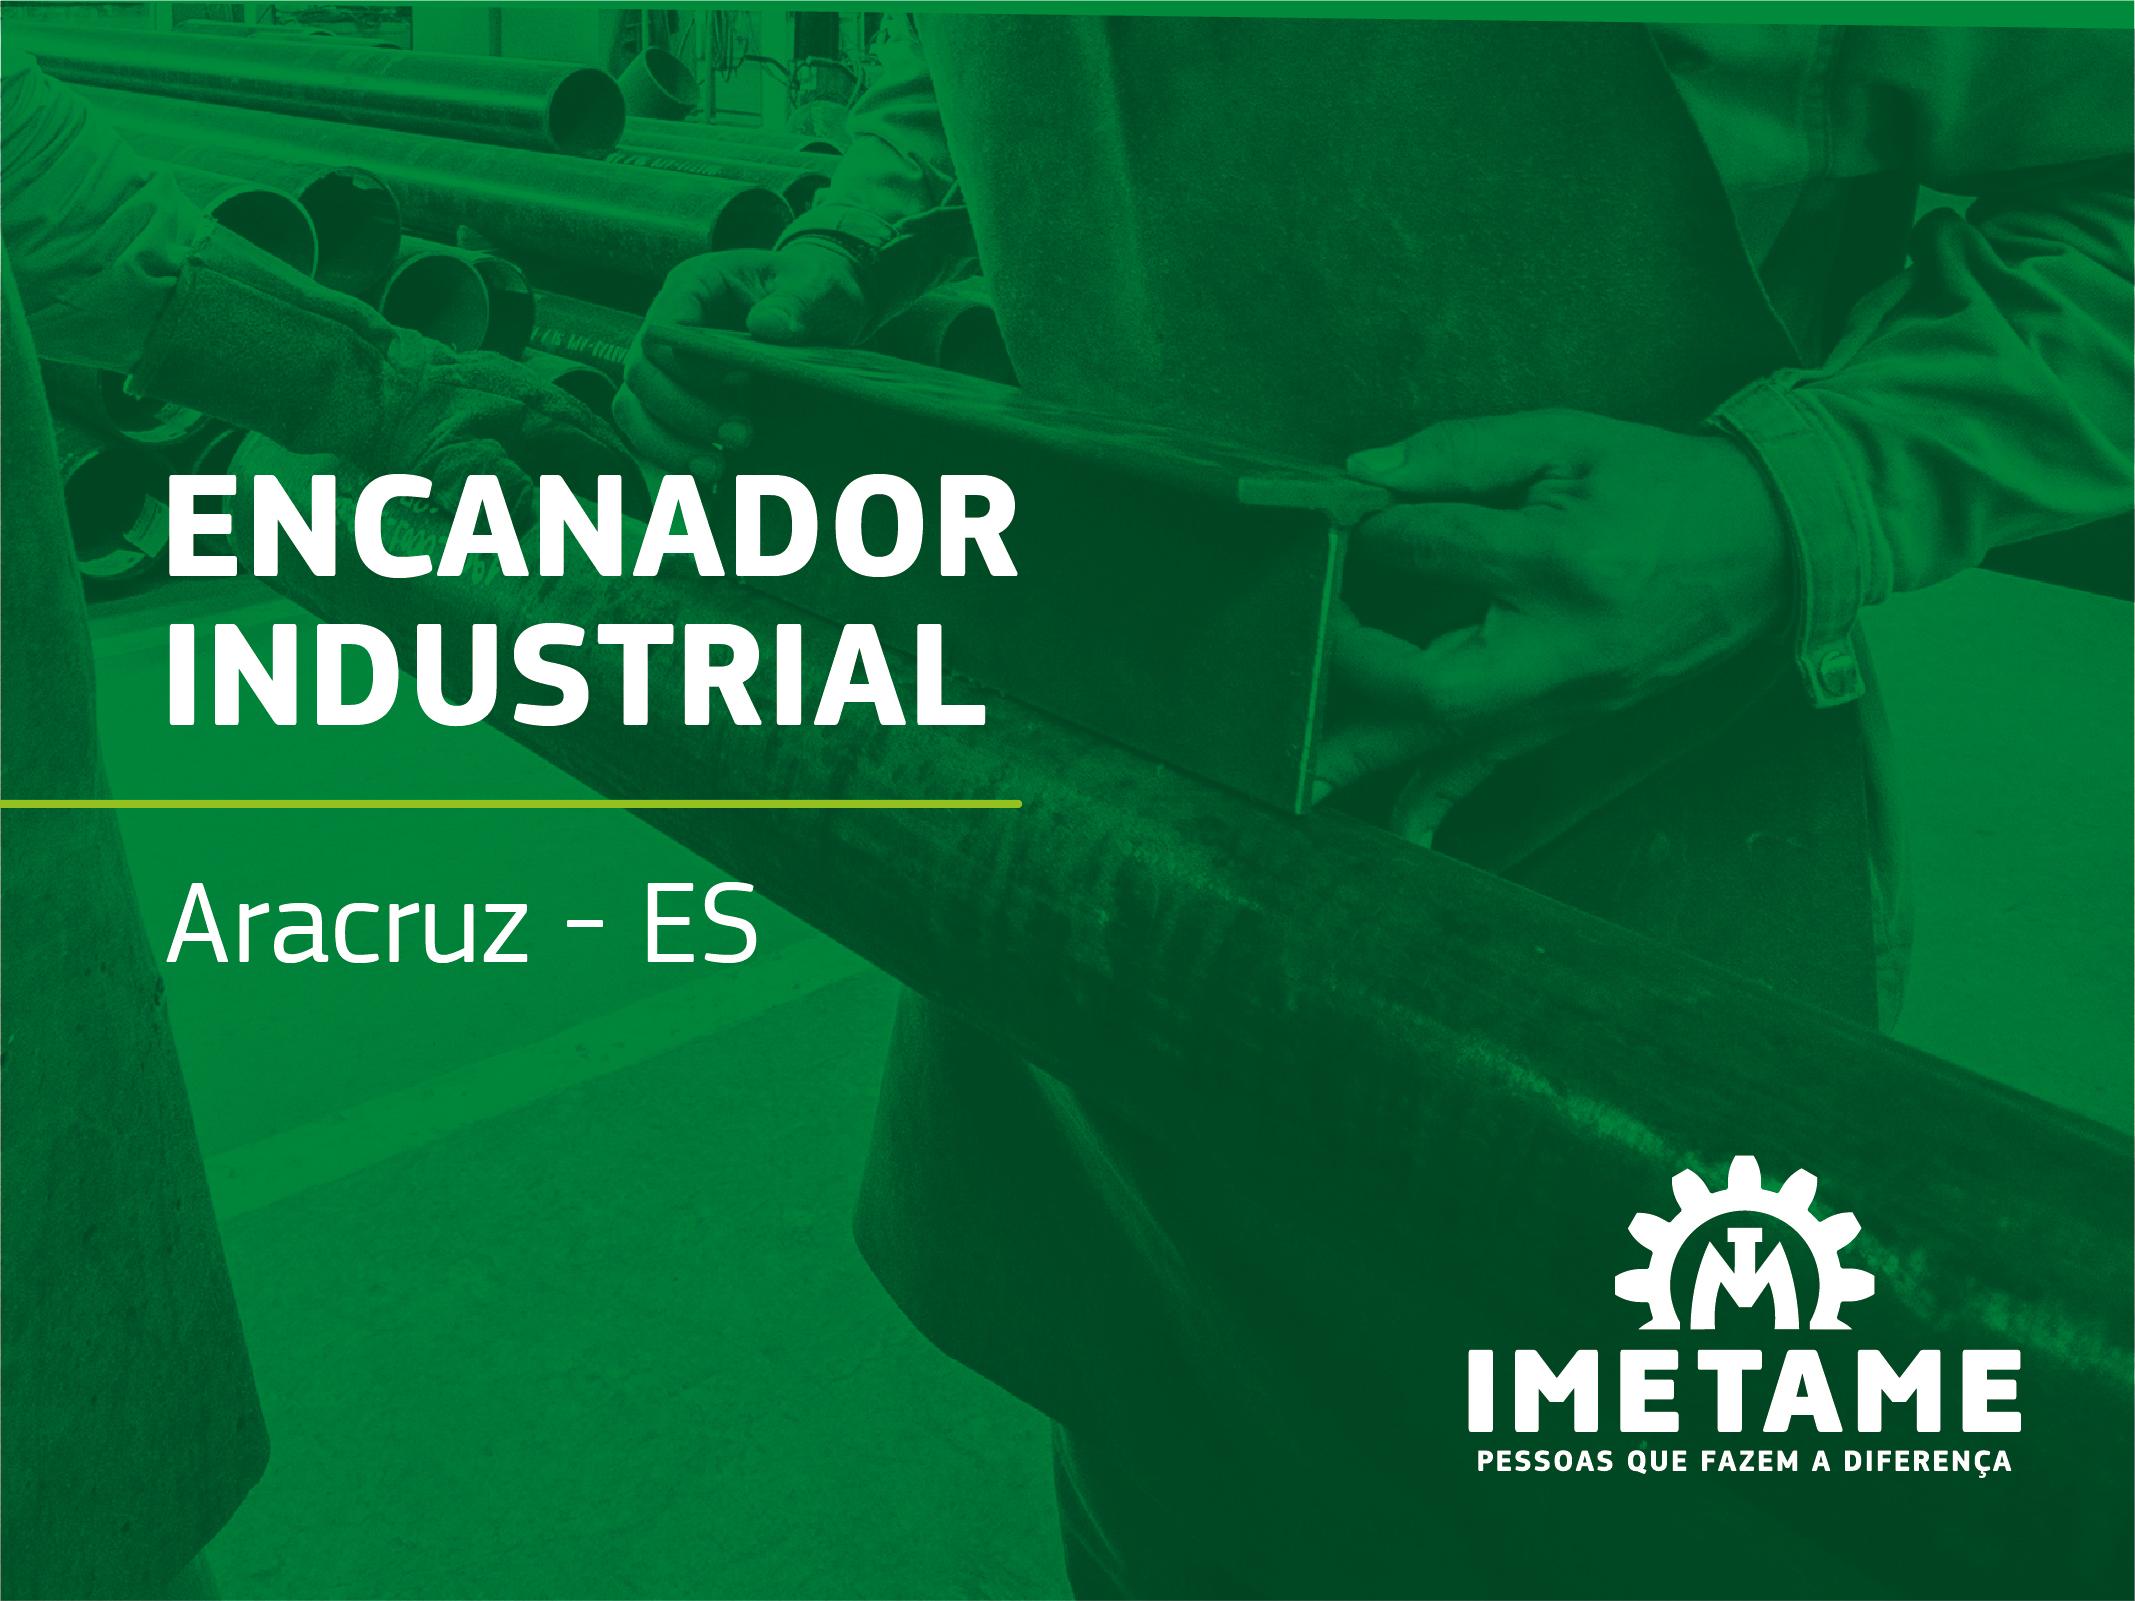 Encanador Industrial